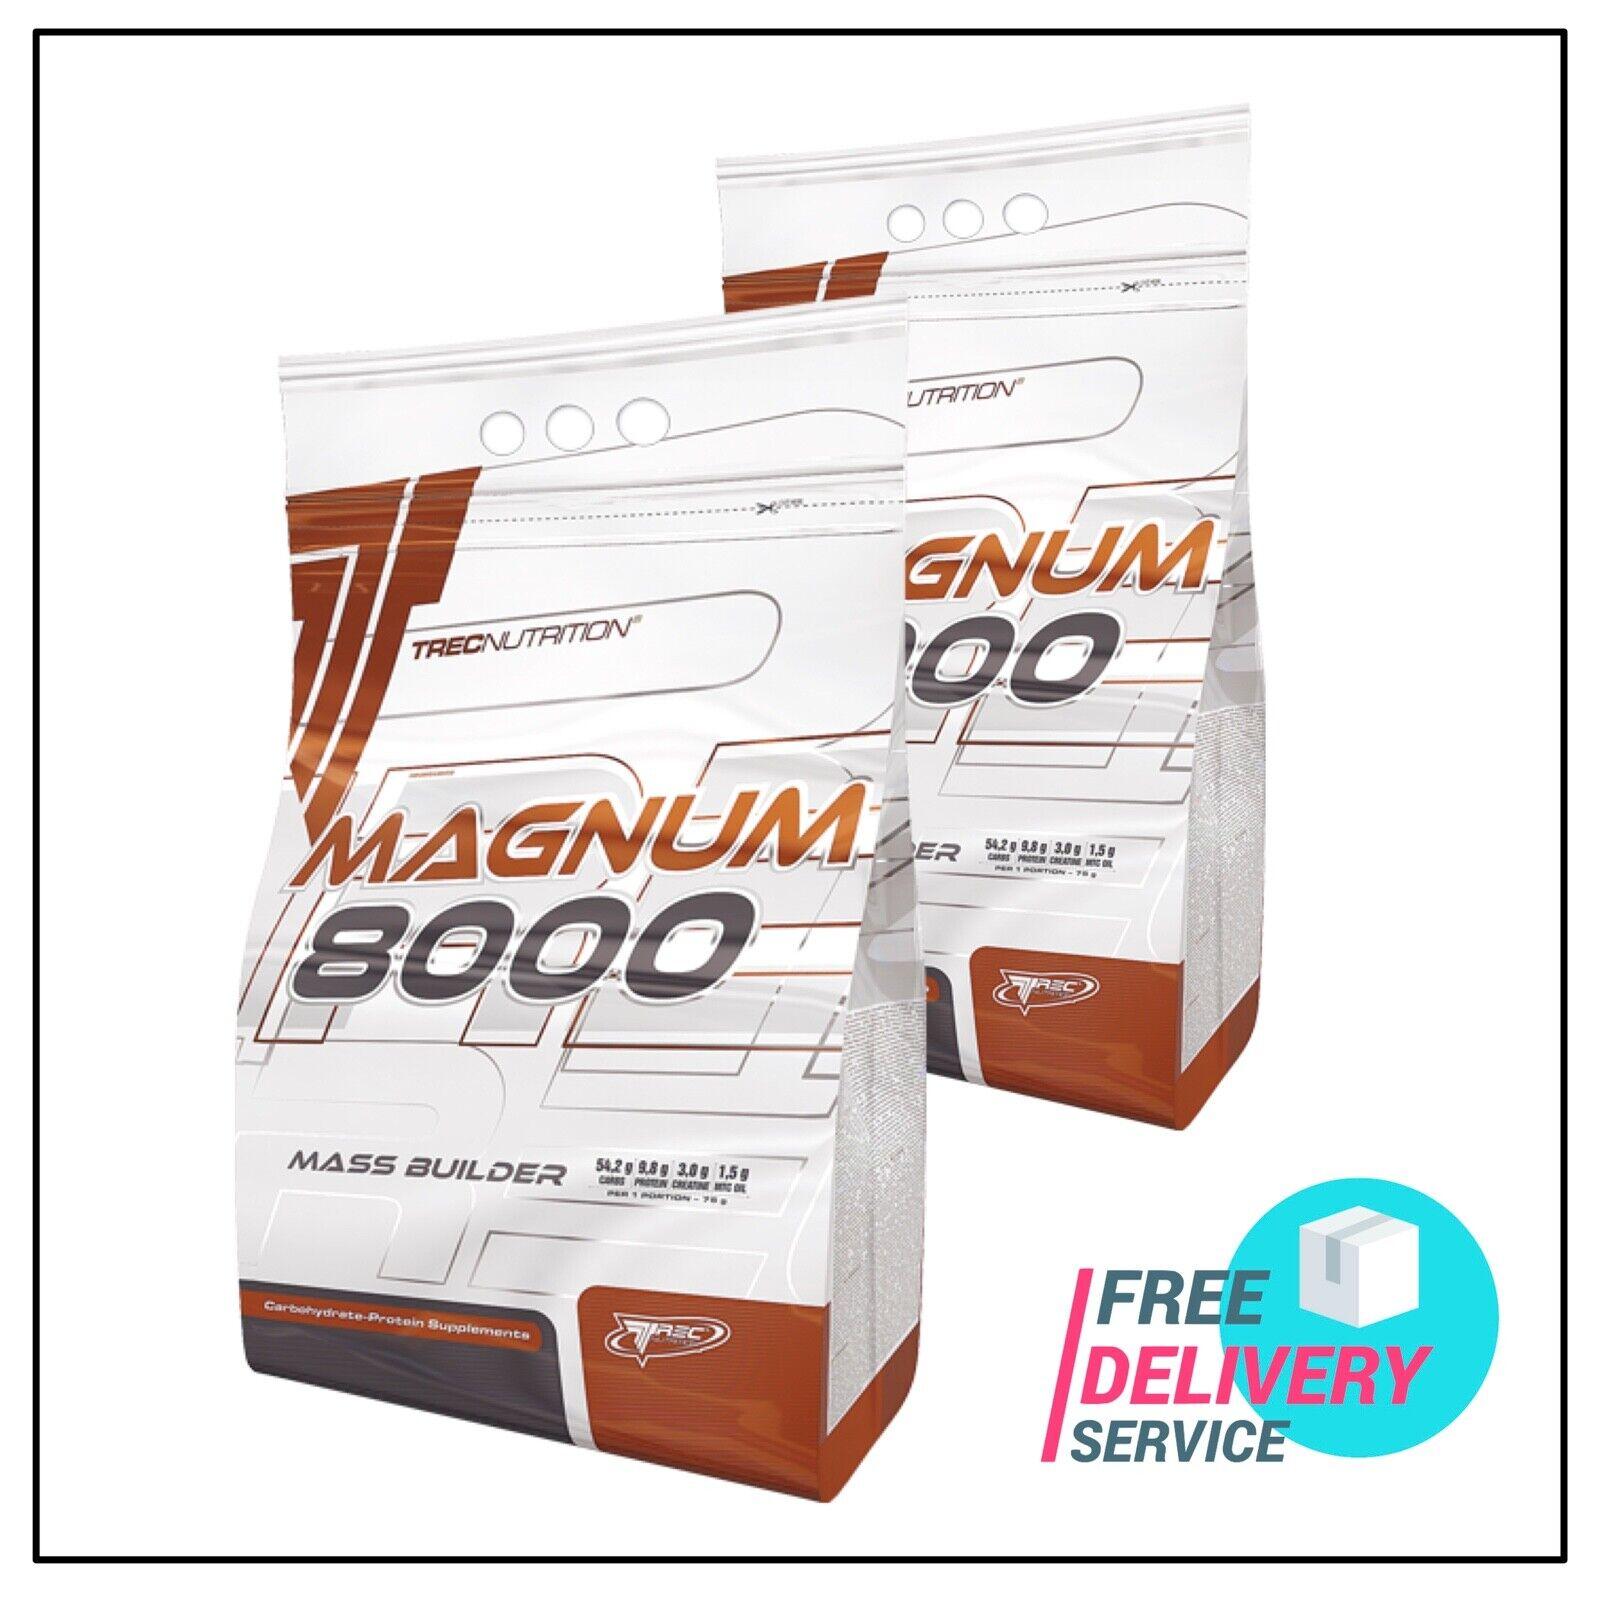 Trec Nutrition Magnum 8000 5.45kg Mass Gainer MCT ACEITE Creatina Gratis P&P